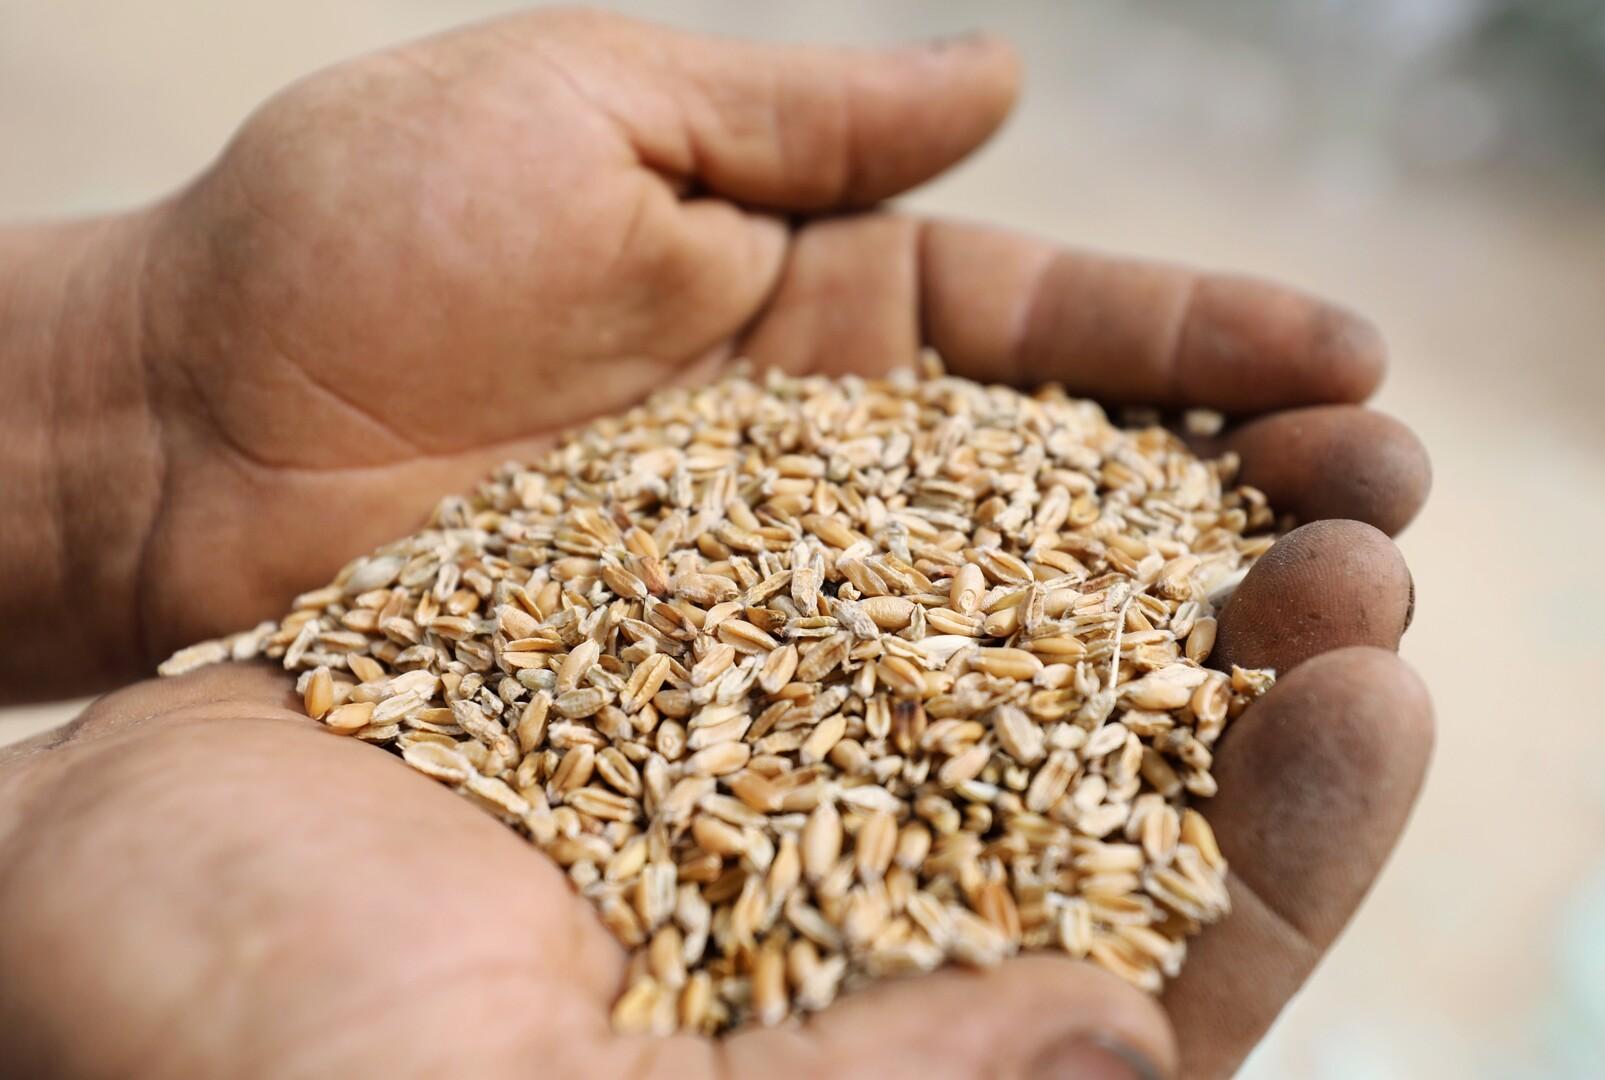 احتياطي مصر من القمح.. كم من الوقت يكفيها؟